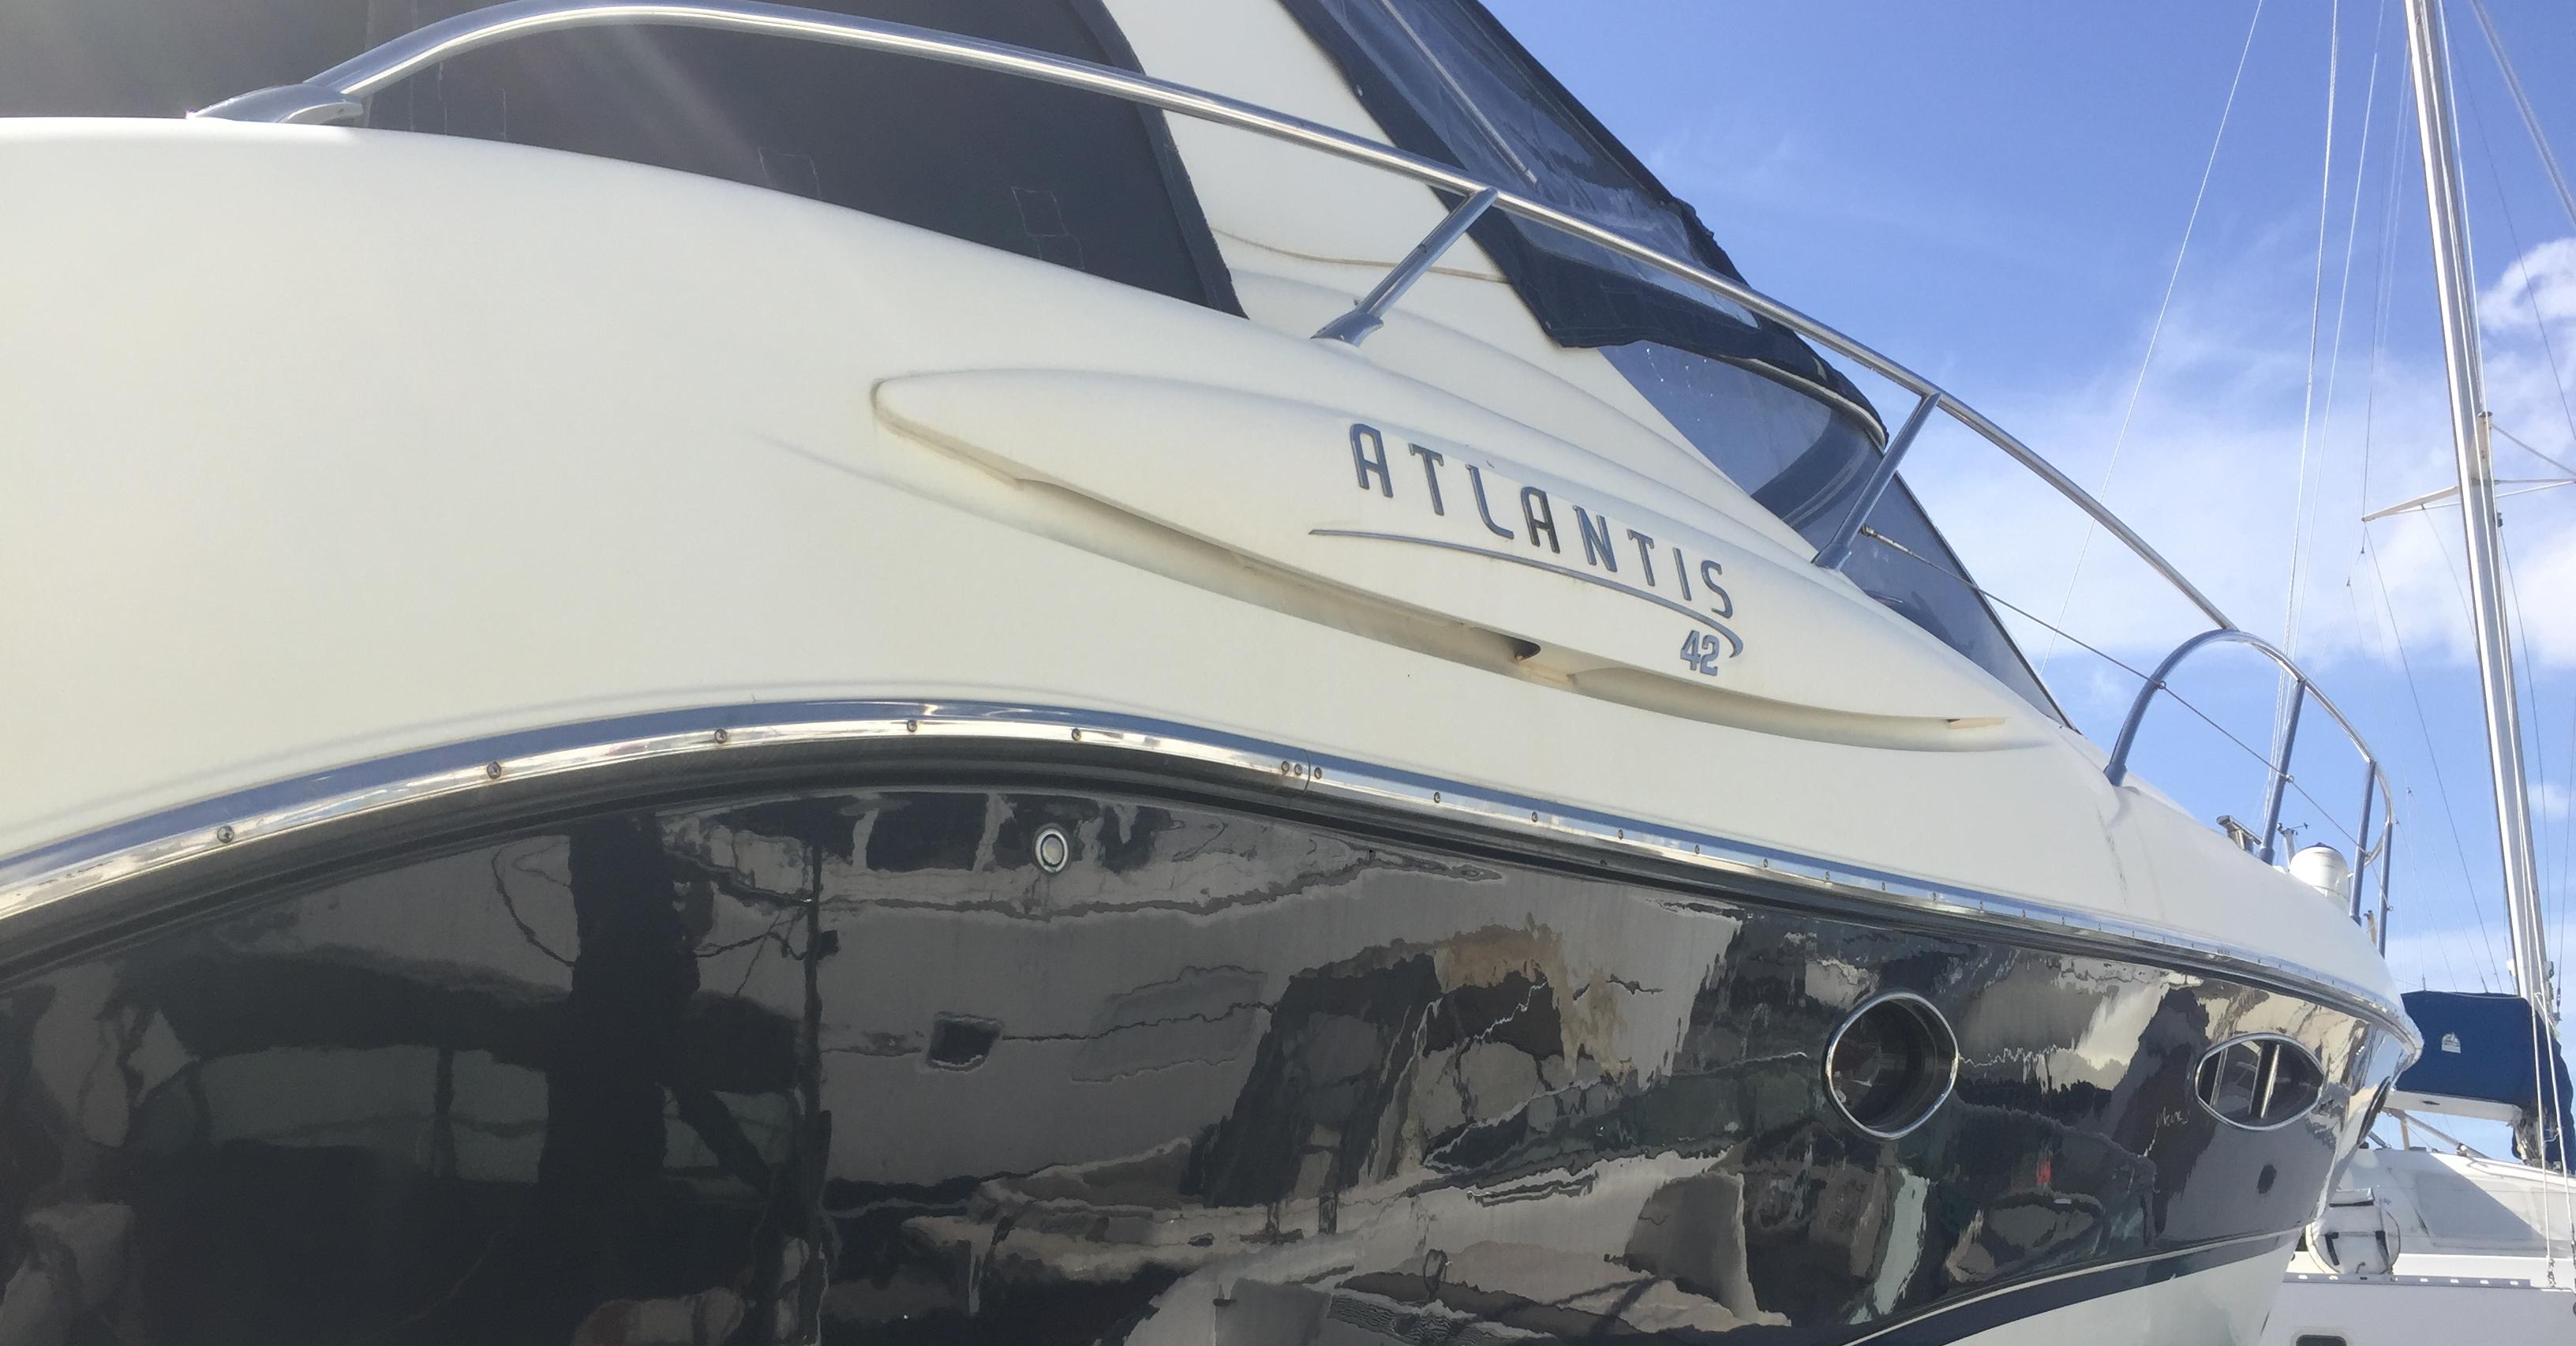 Rental CRANCHI Atlantis 42 at Portimão | prorentalgarve.com